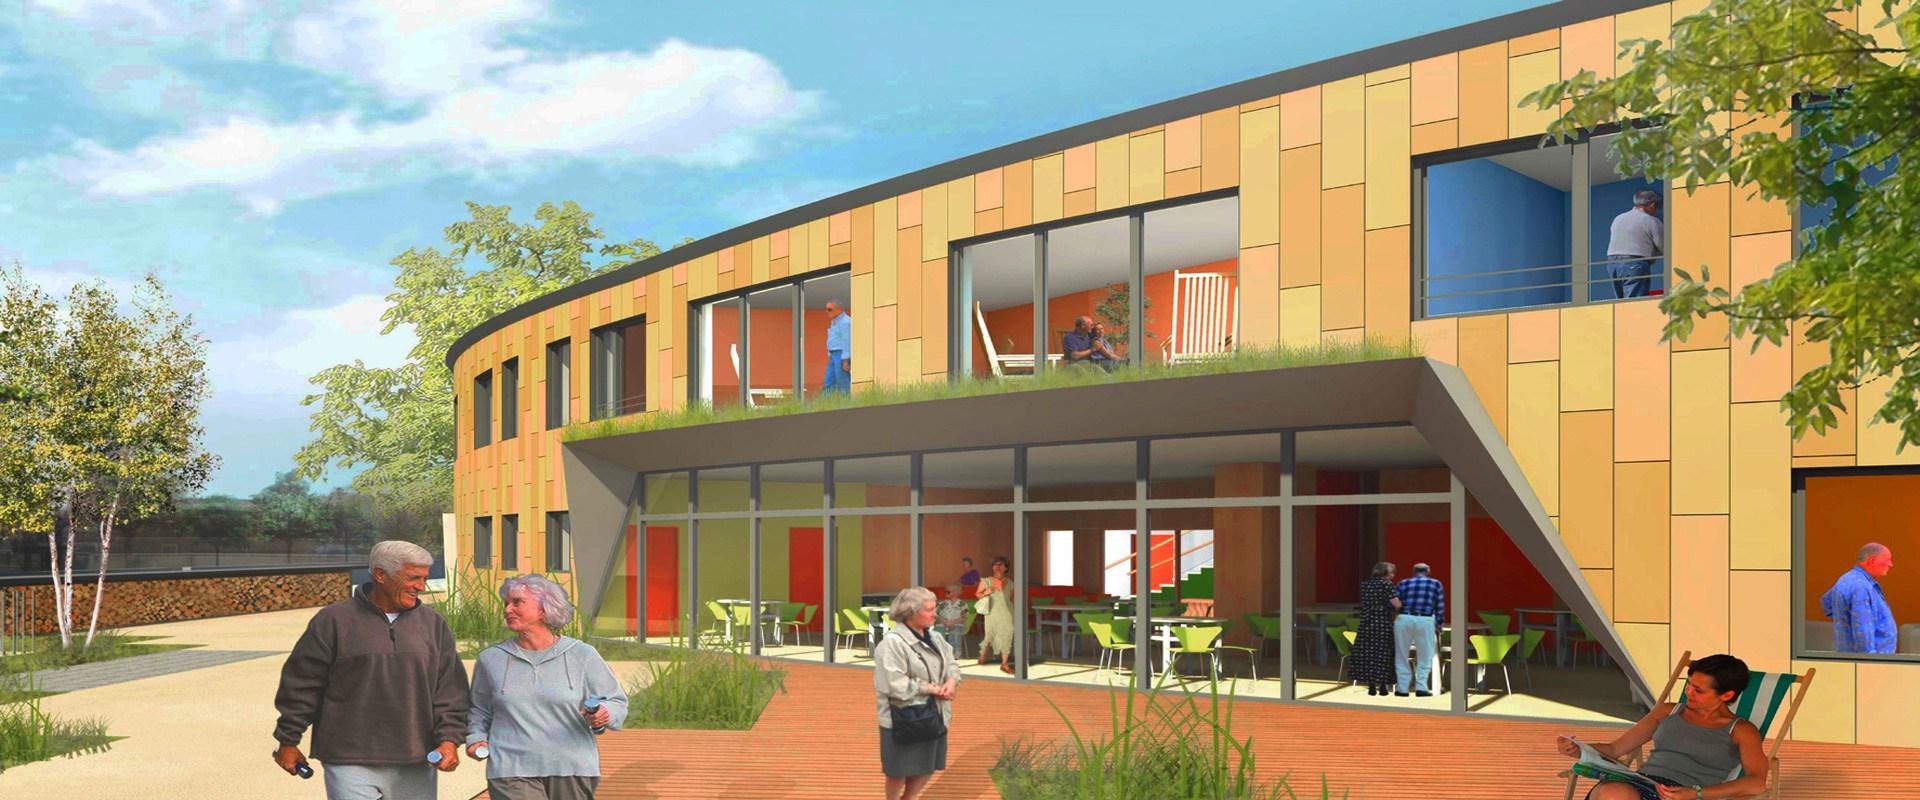 Conception maison de santé